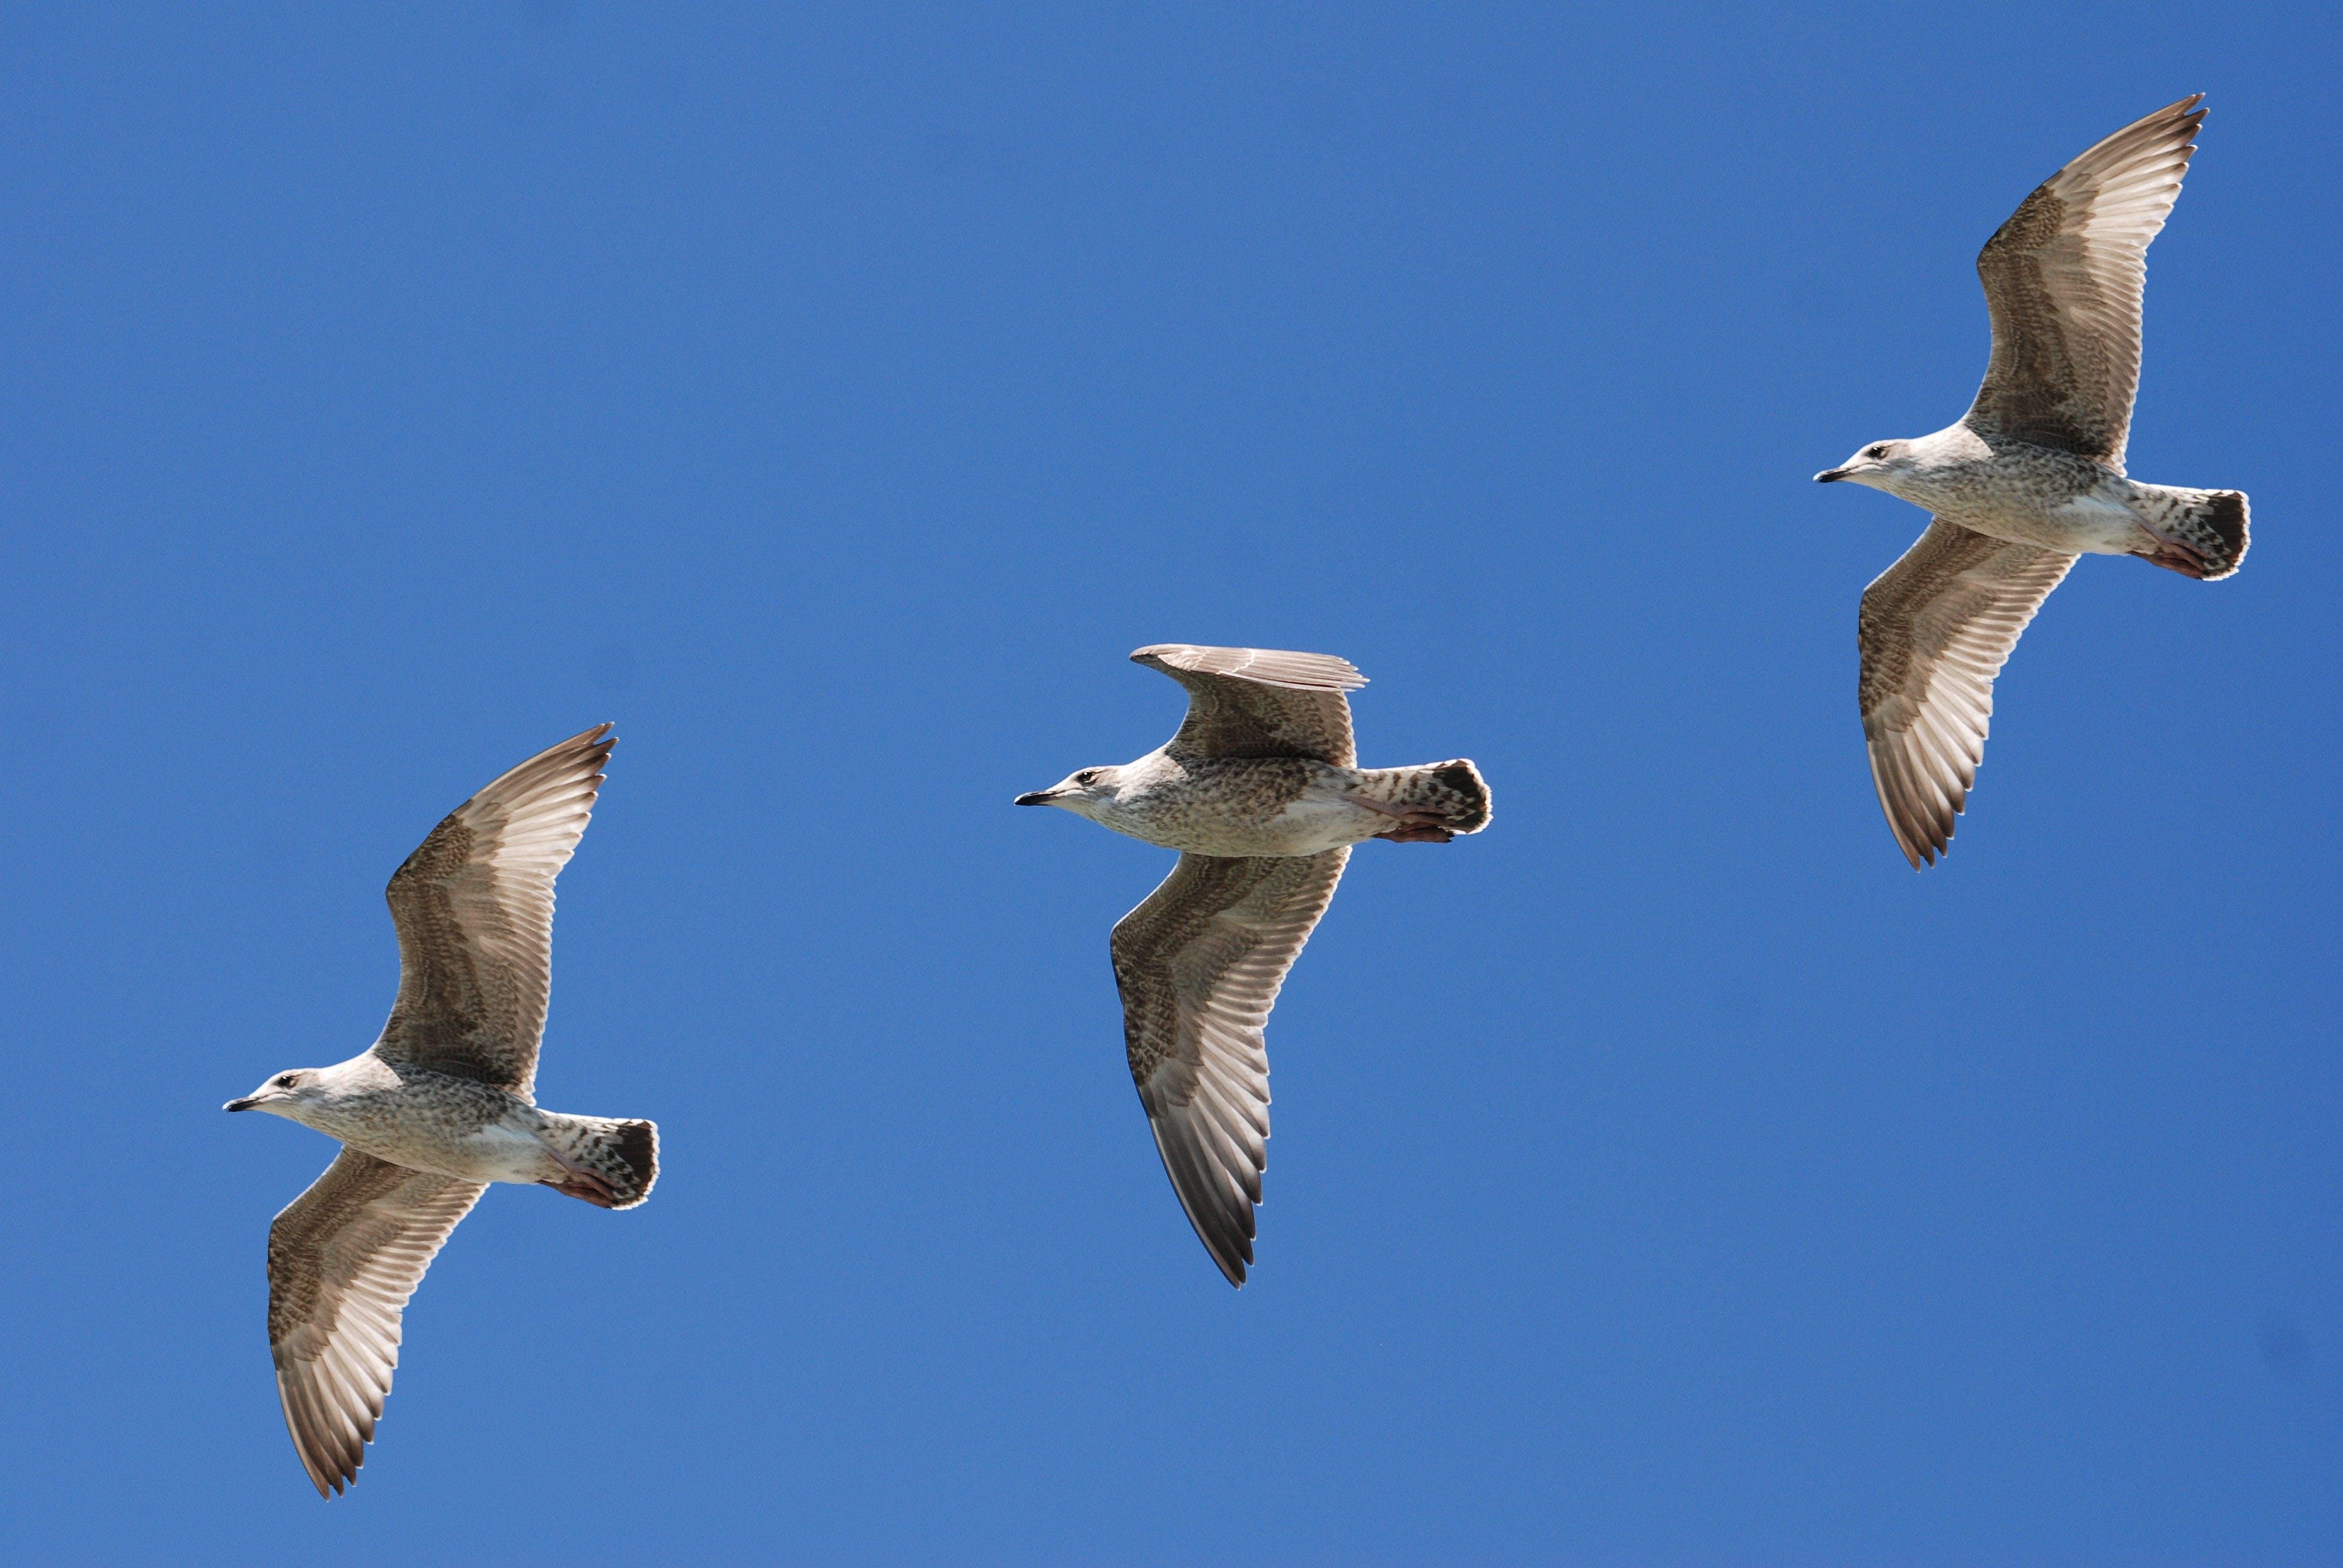 Fotos de stock gratuitas de alas, cielo, naturaleza, pluma